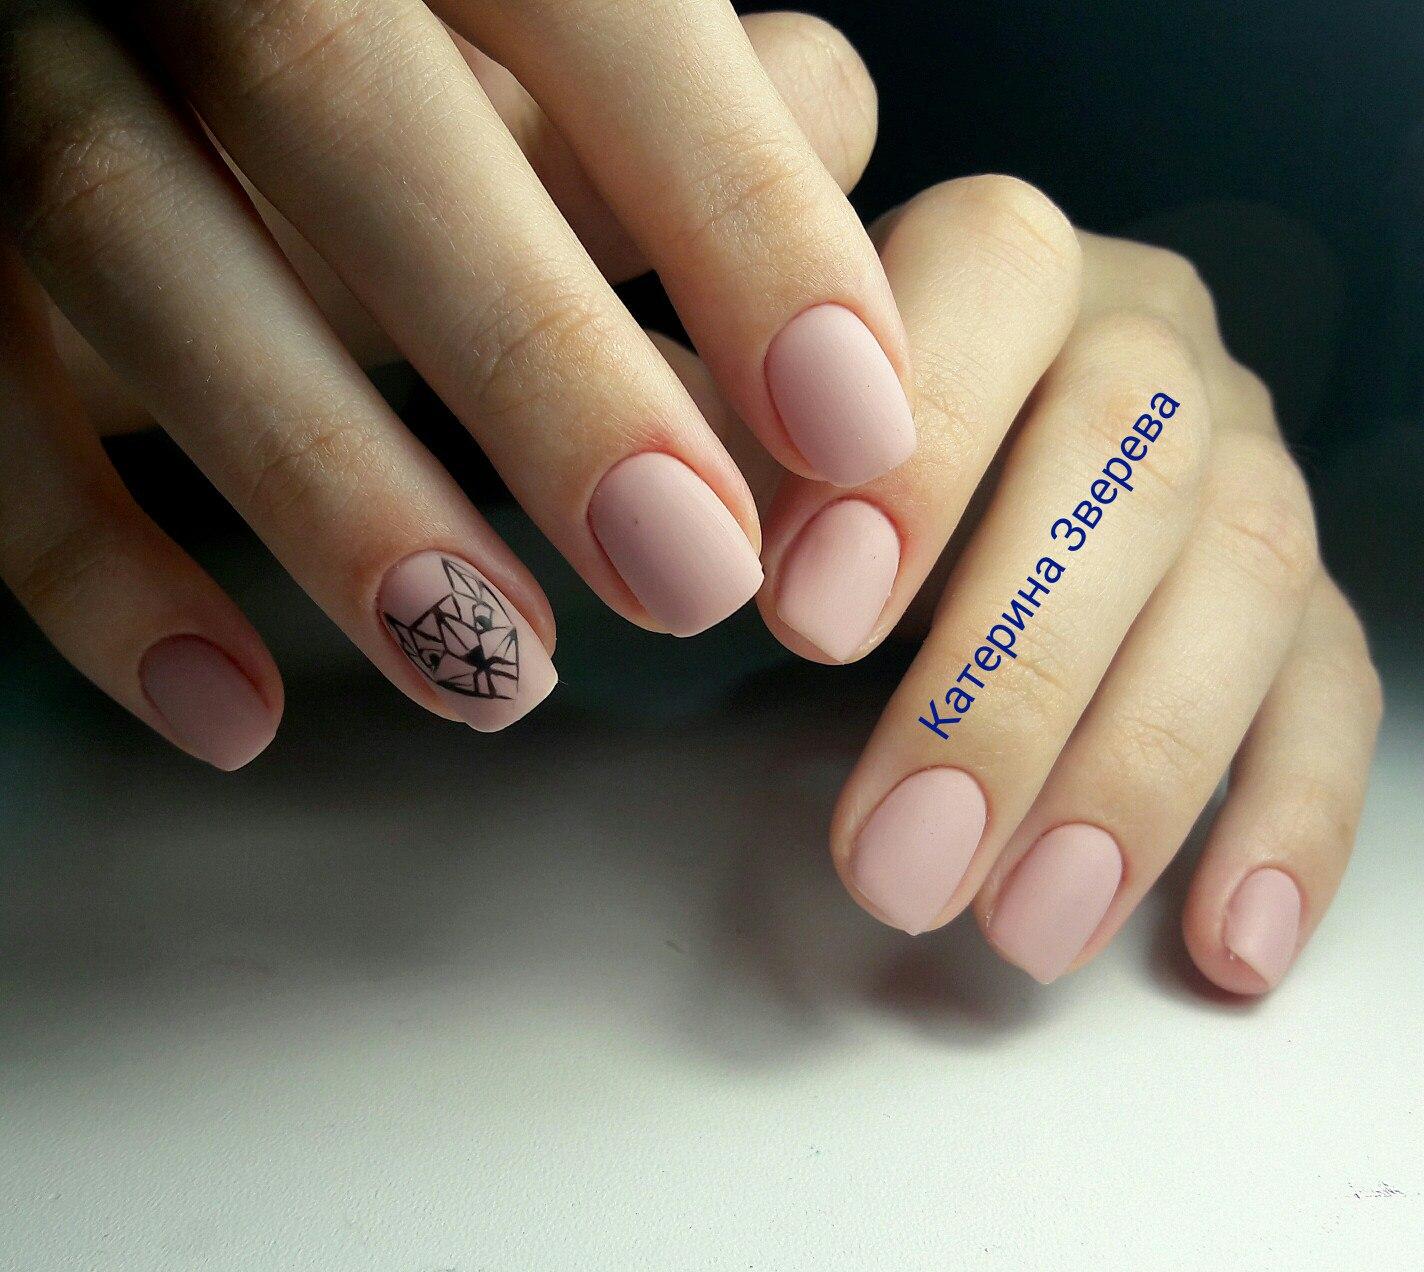 Нежный матовый маникюр на коротких ногтях